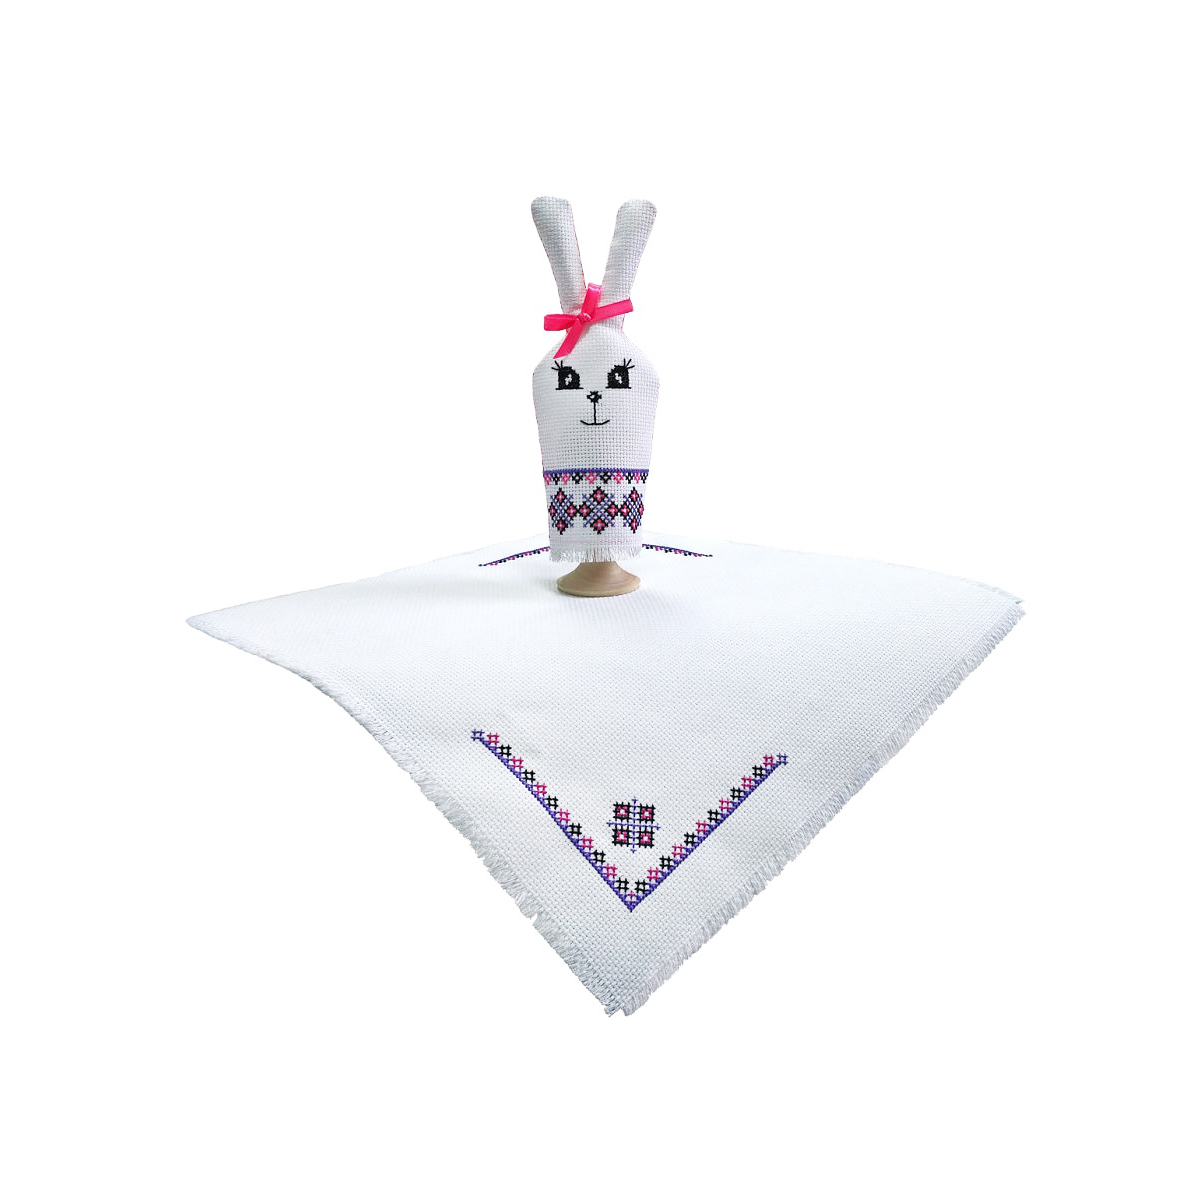 М-061 Набор для вышивания крестом 'Зайка', разм. салфетки-30*30 см, заяц -18*7,5 см